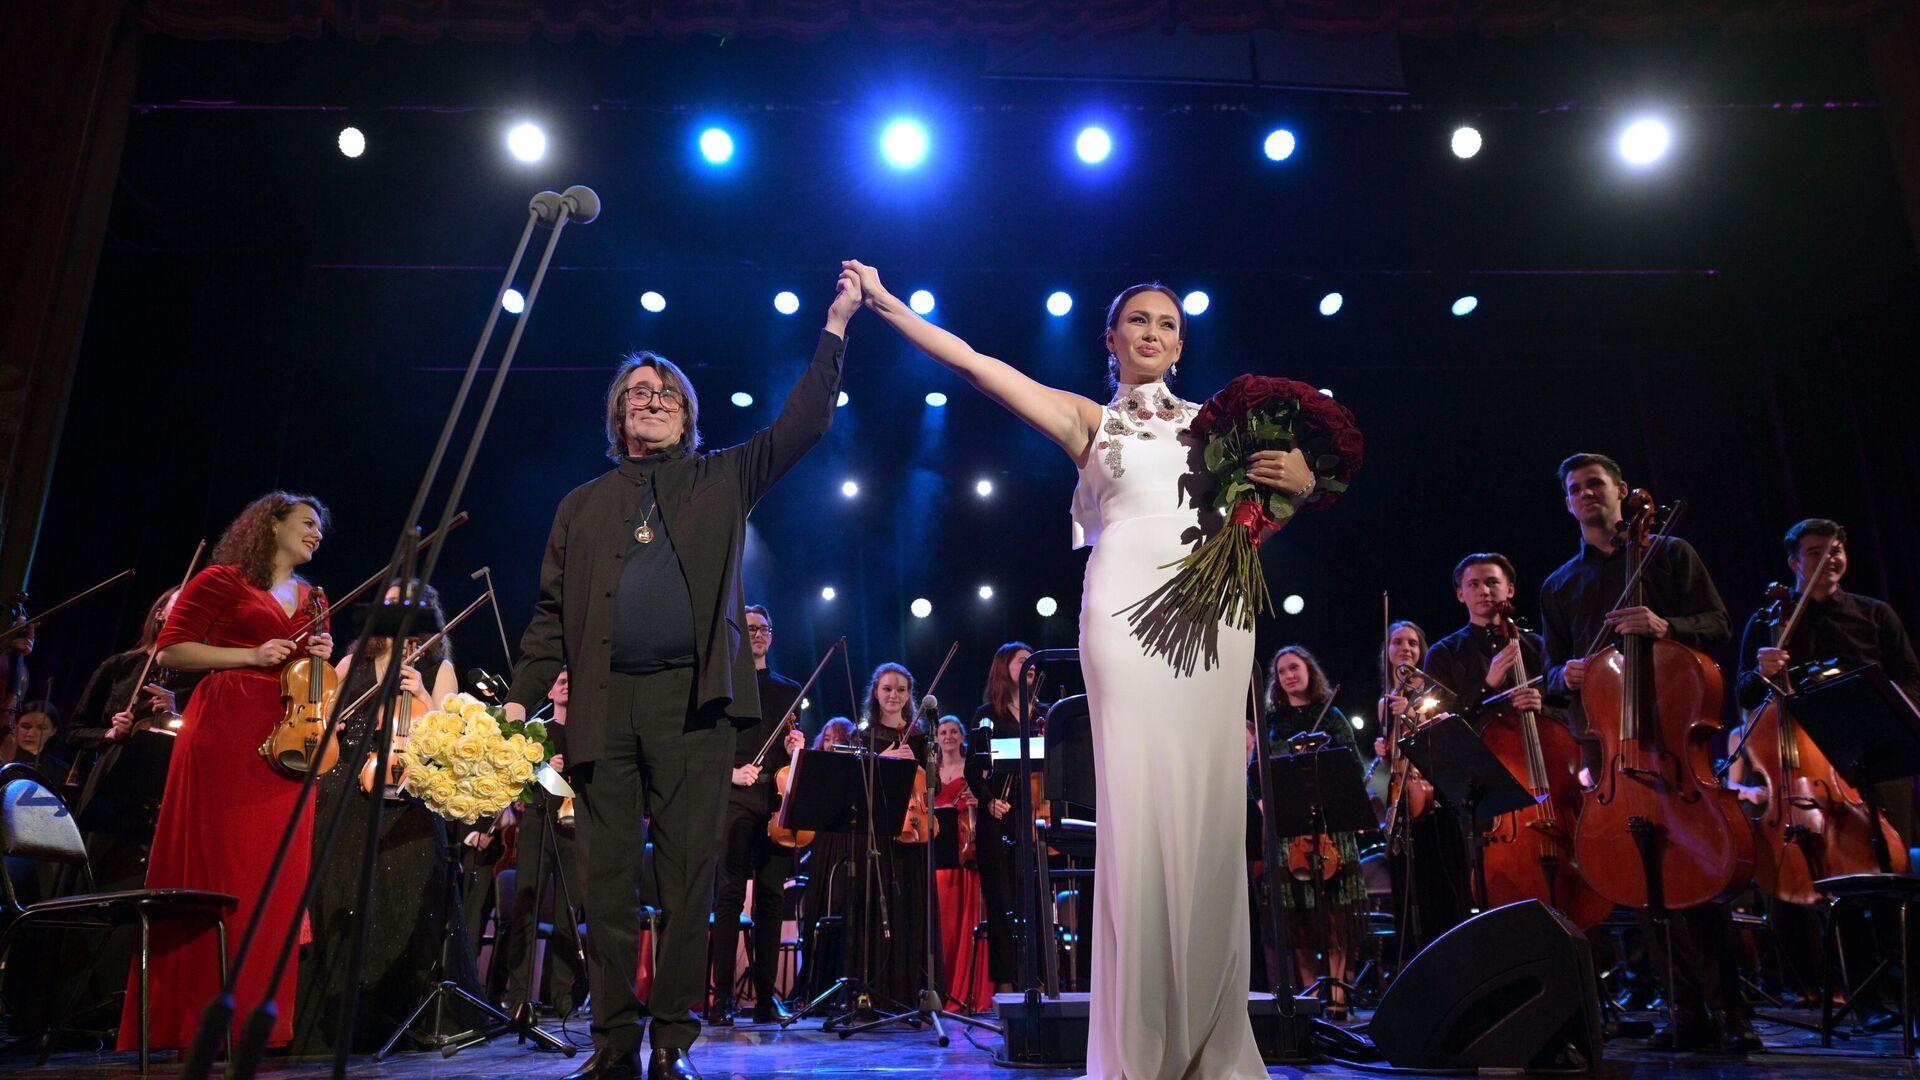 Концерт-открытие Зимнего фестиваля искусств Юрия Башмета - РИА Новости, 1920, 28.02.2021